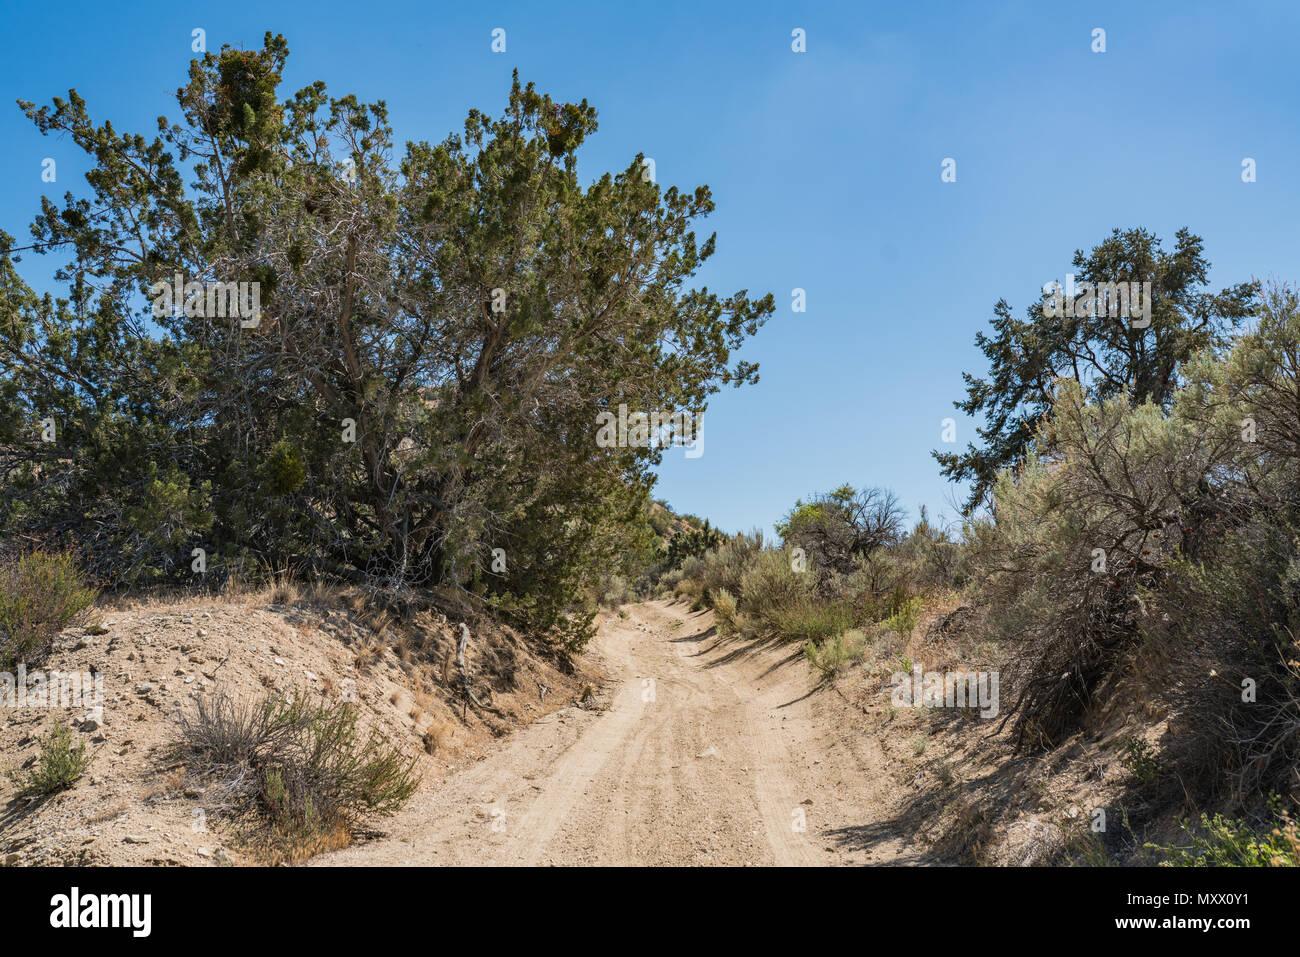 Growing desert brush living in the wilderness of California's Mojave Desert. - Stock Image